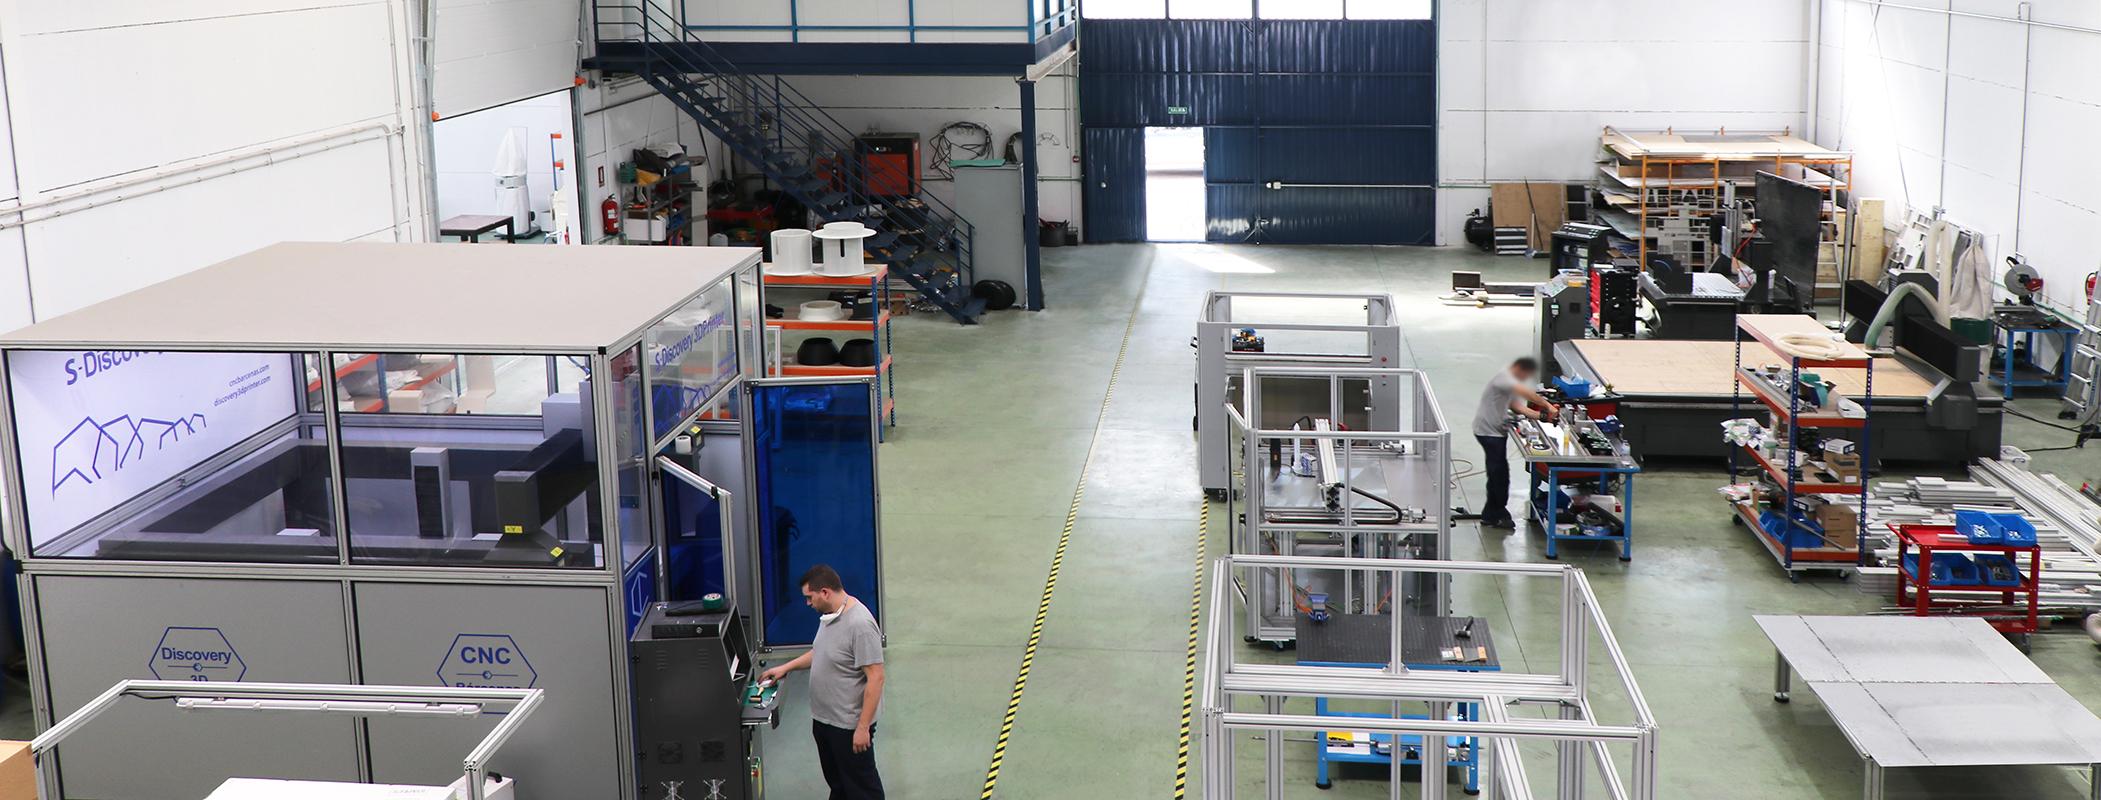 fresadoras y láser CNC fabricación española